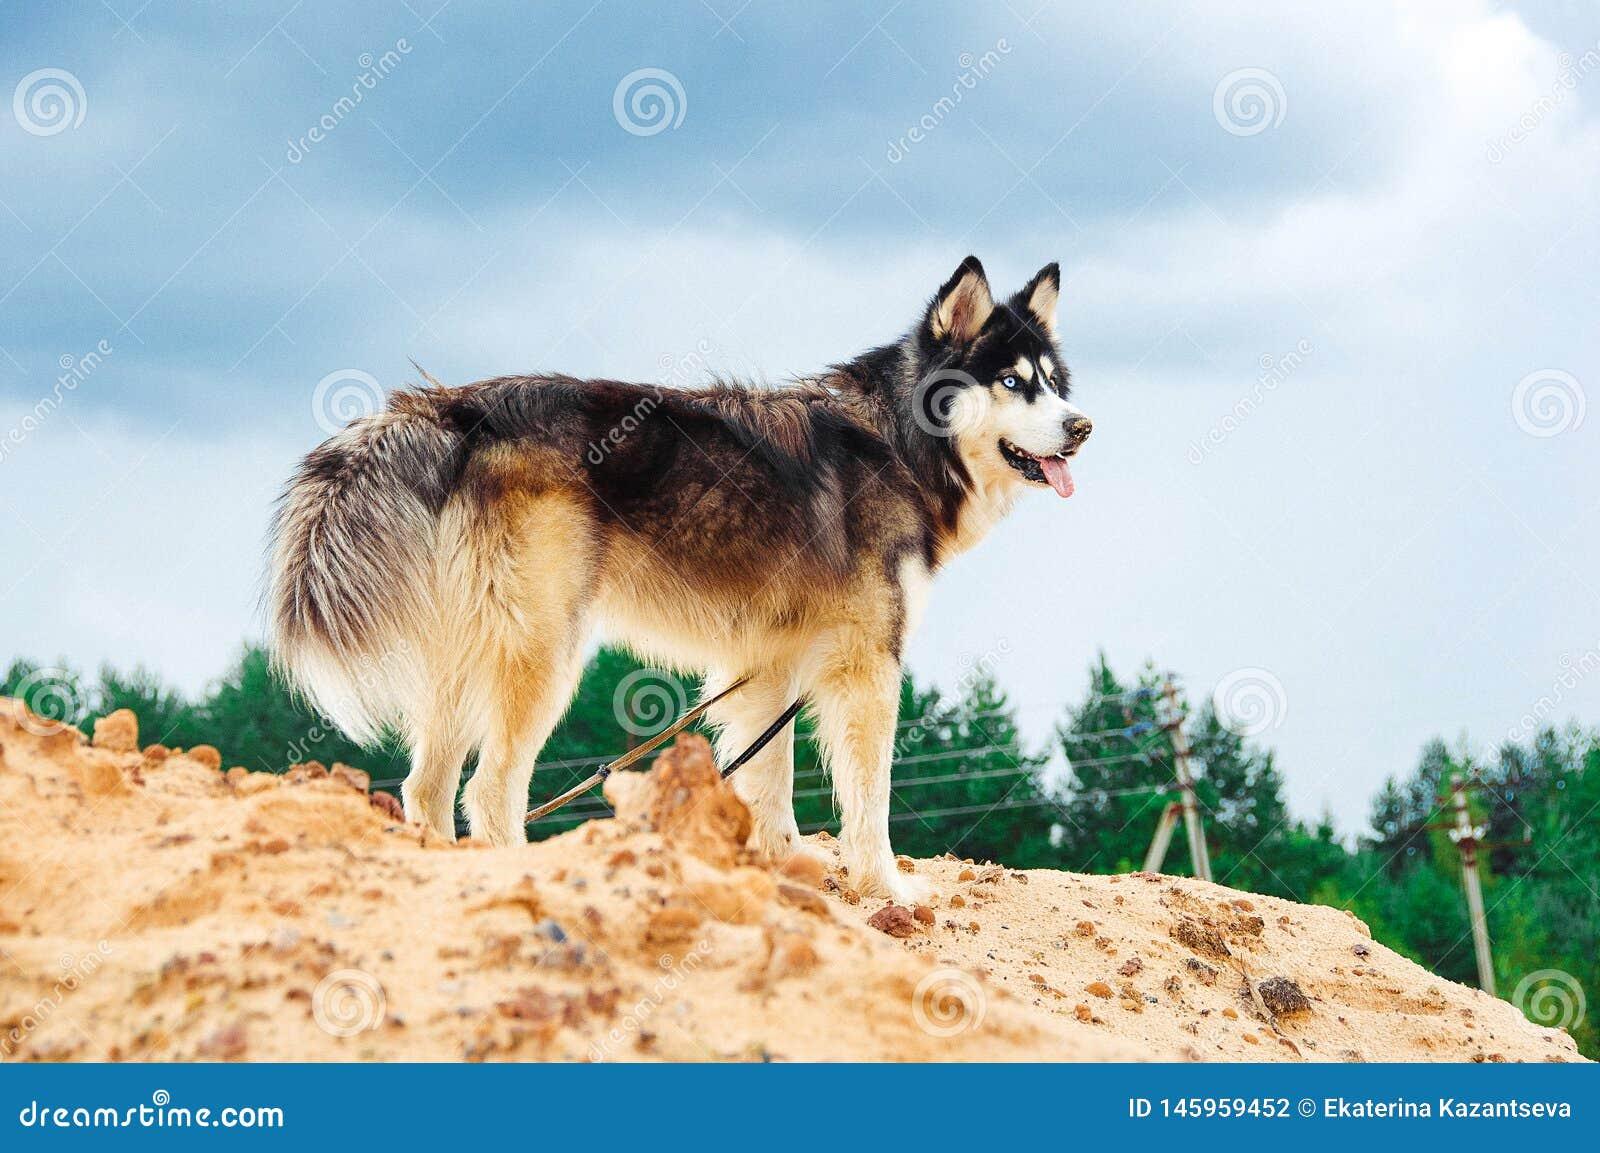 Hondras schor op een zandige berg tegen de blauwe hemel